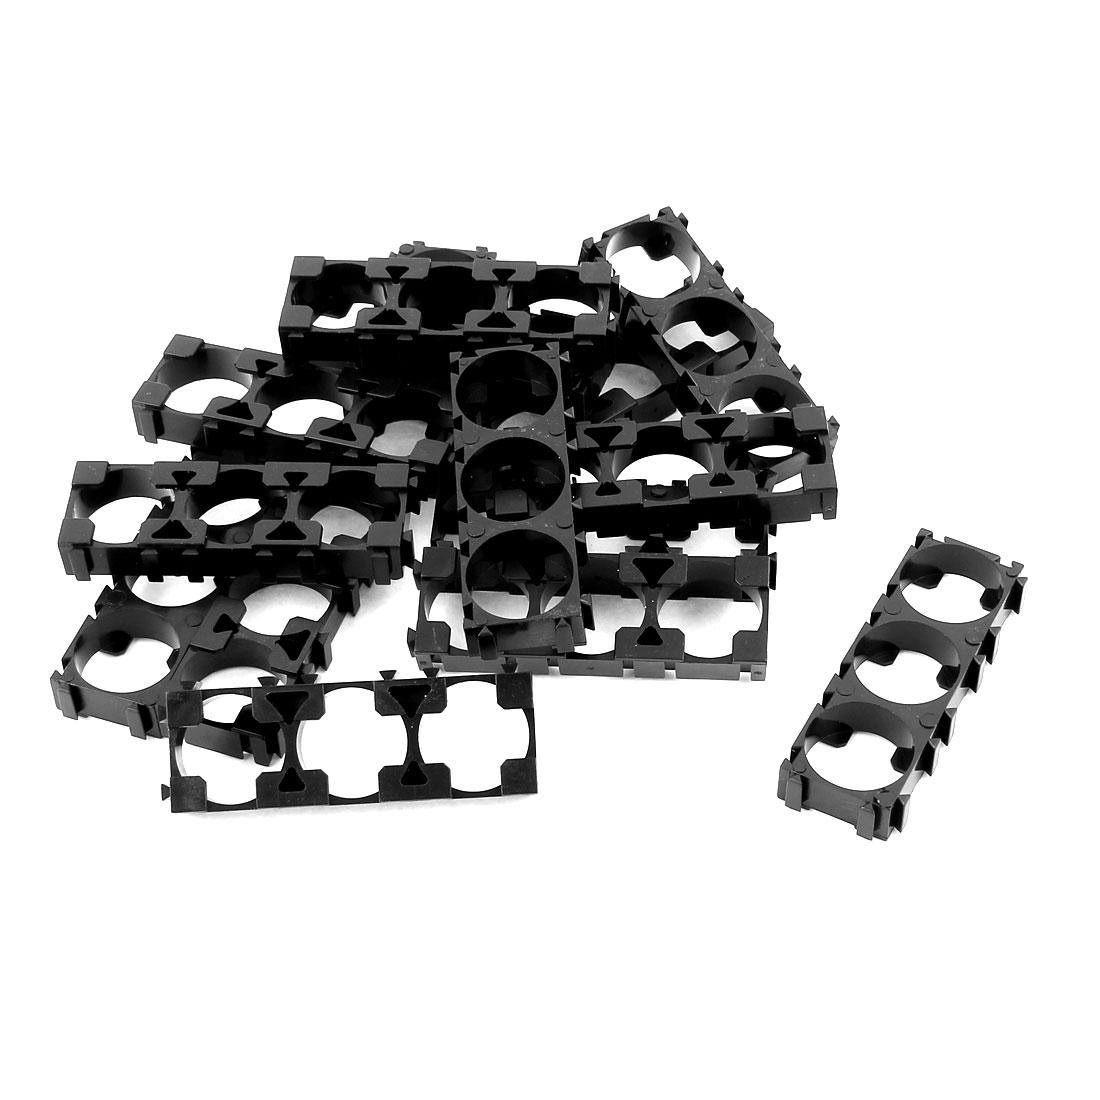 15 Pcs 18650 Lithium Battery Triple Holder Bracket for DIY Battery Pack